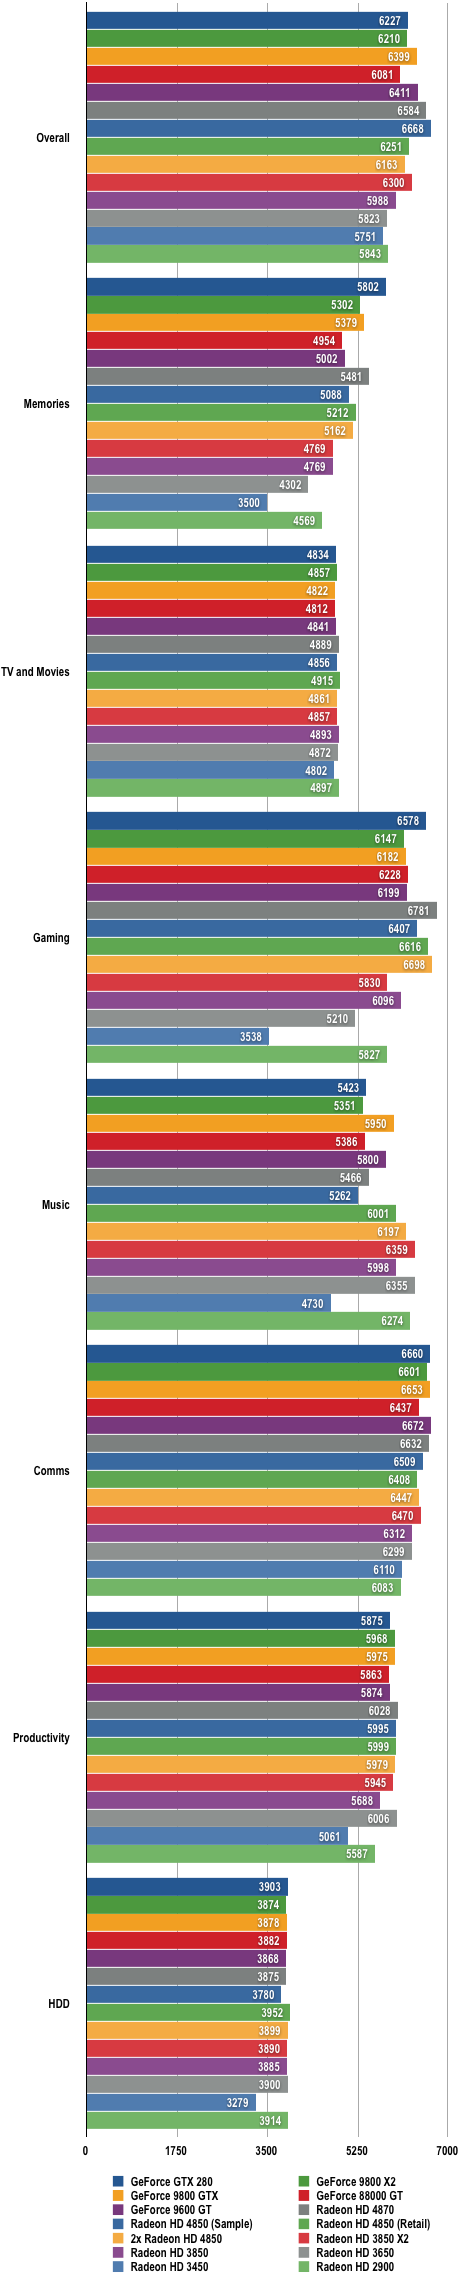 AMD RV770 - PCMark Vantage Results